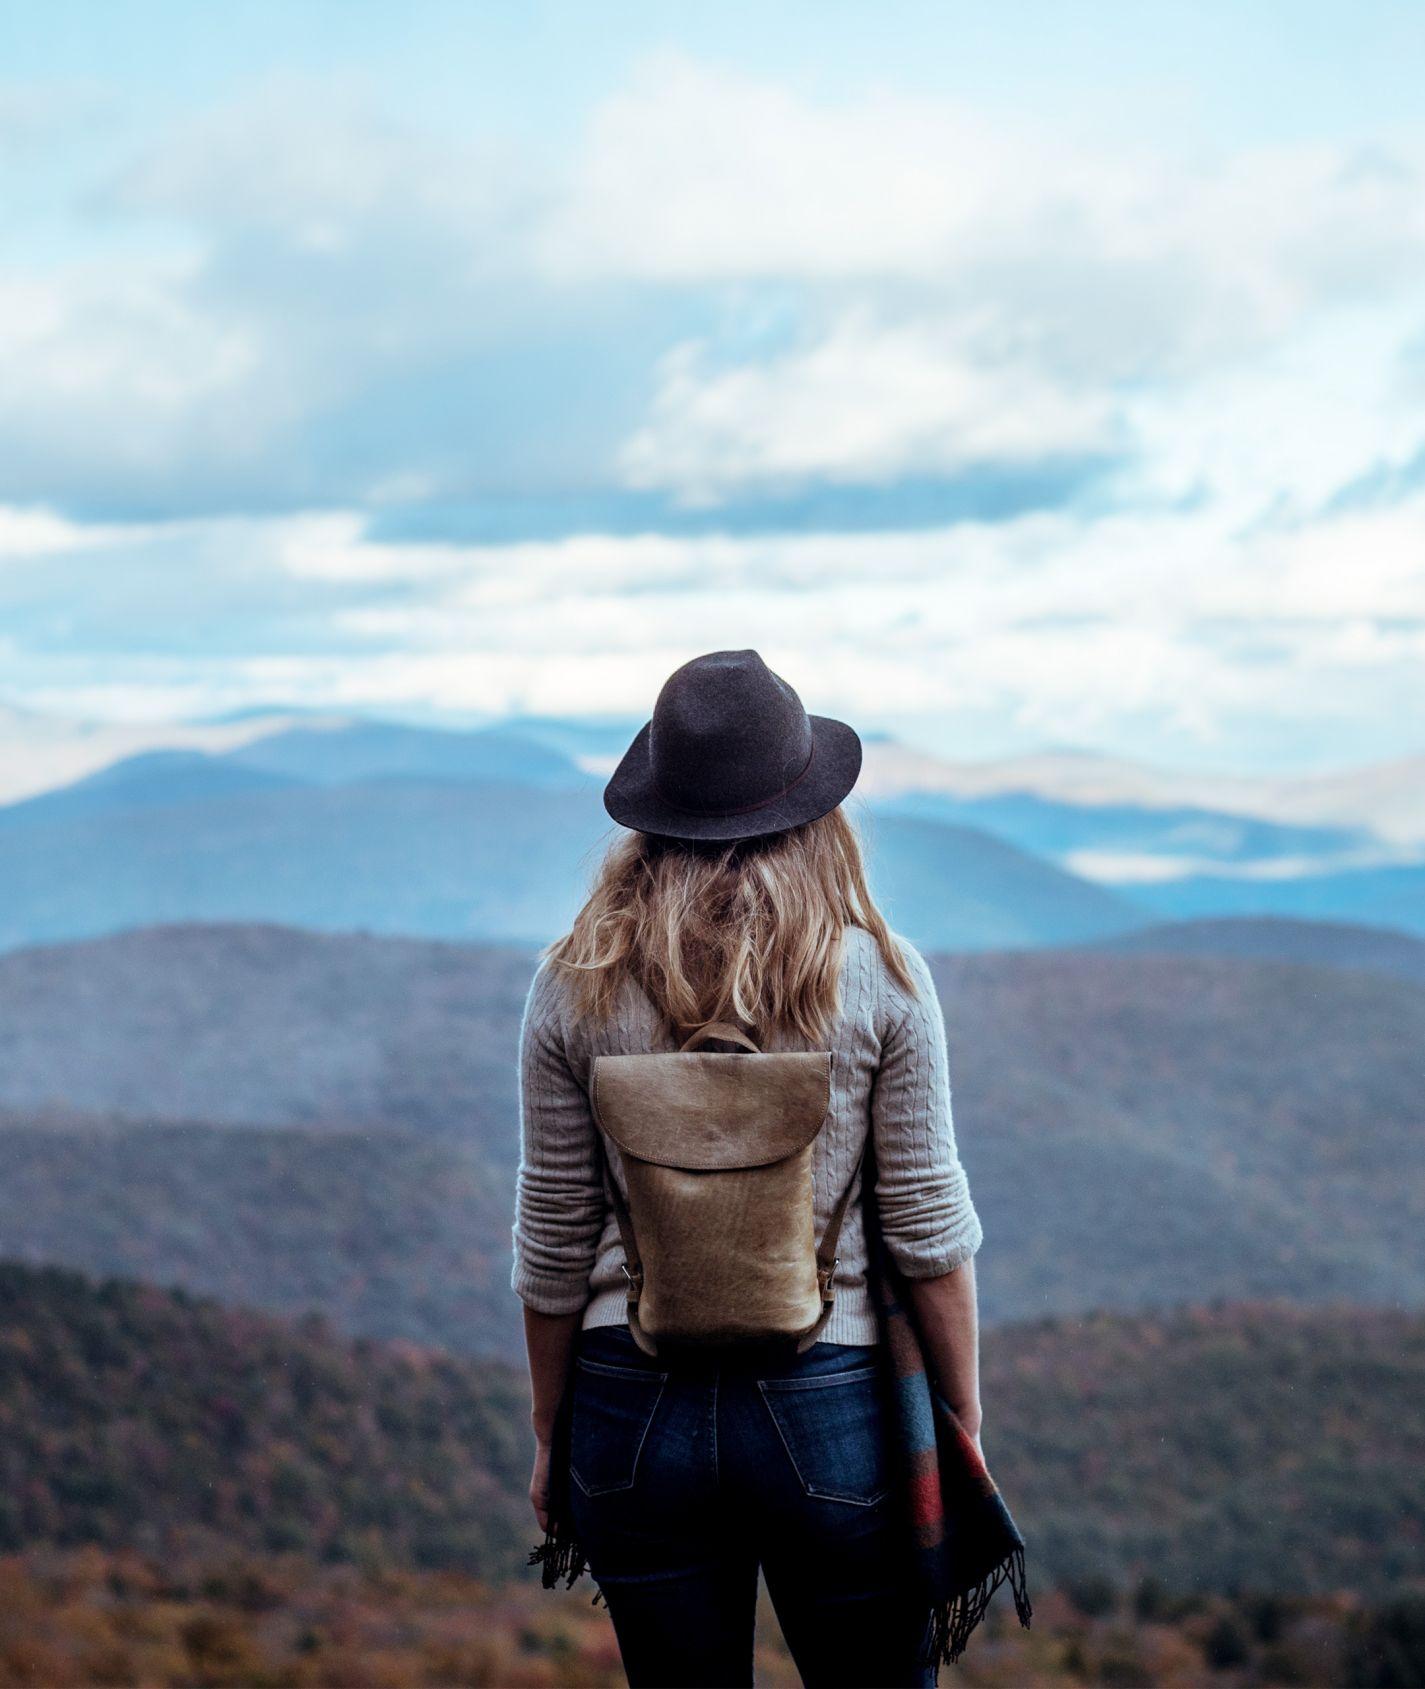 Frau mit Hut und Rucksack schaut auf eine Berglandschaft